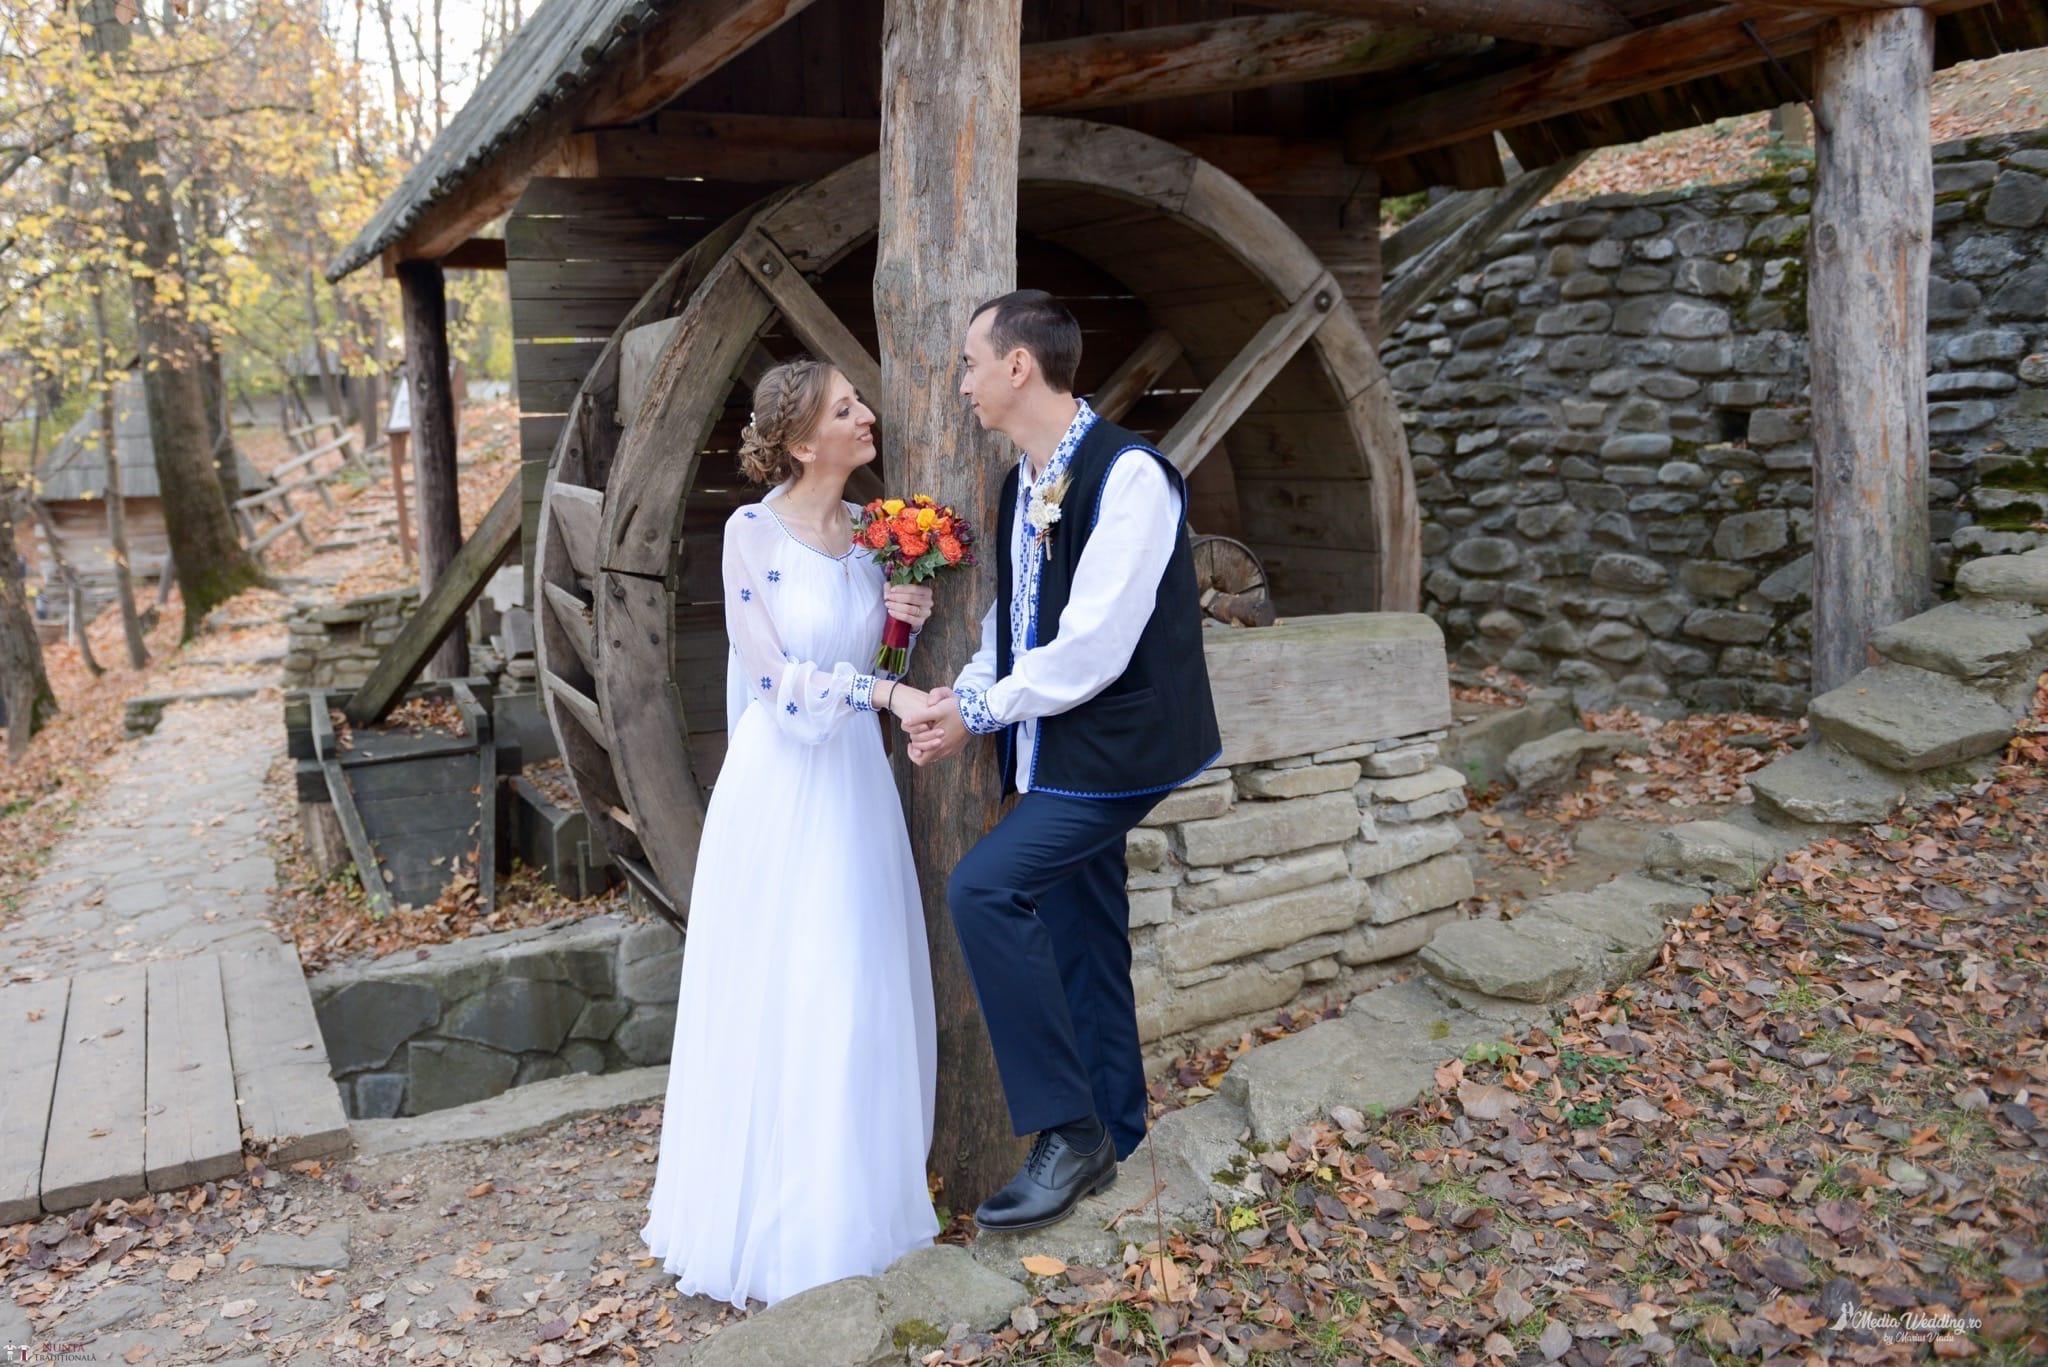 Povești Nunți Tradiționale - Alina-Maria și Ilie, nuntă tradițională în București 27